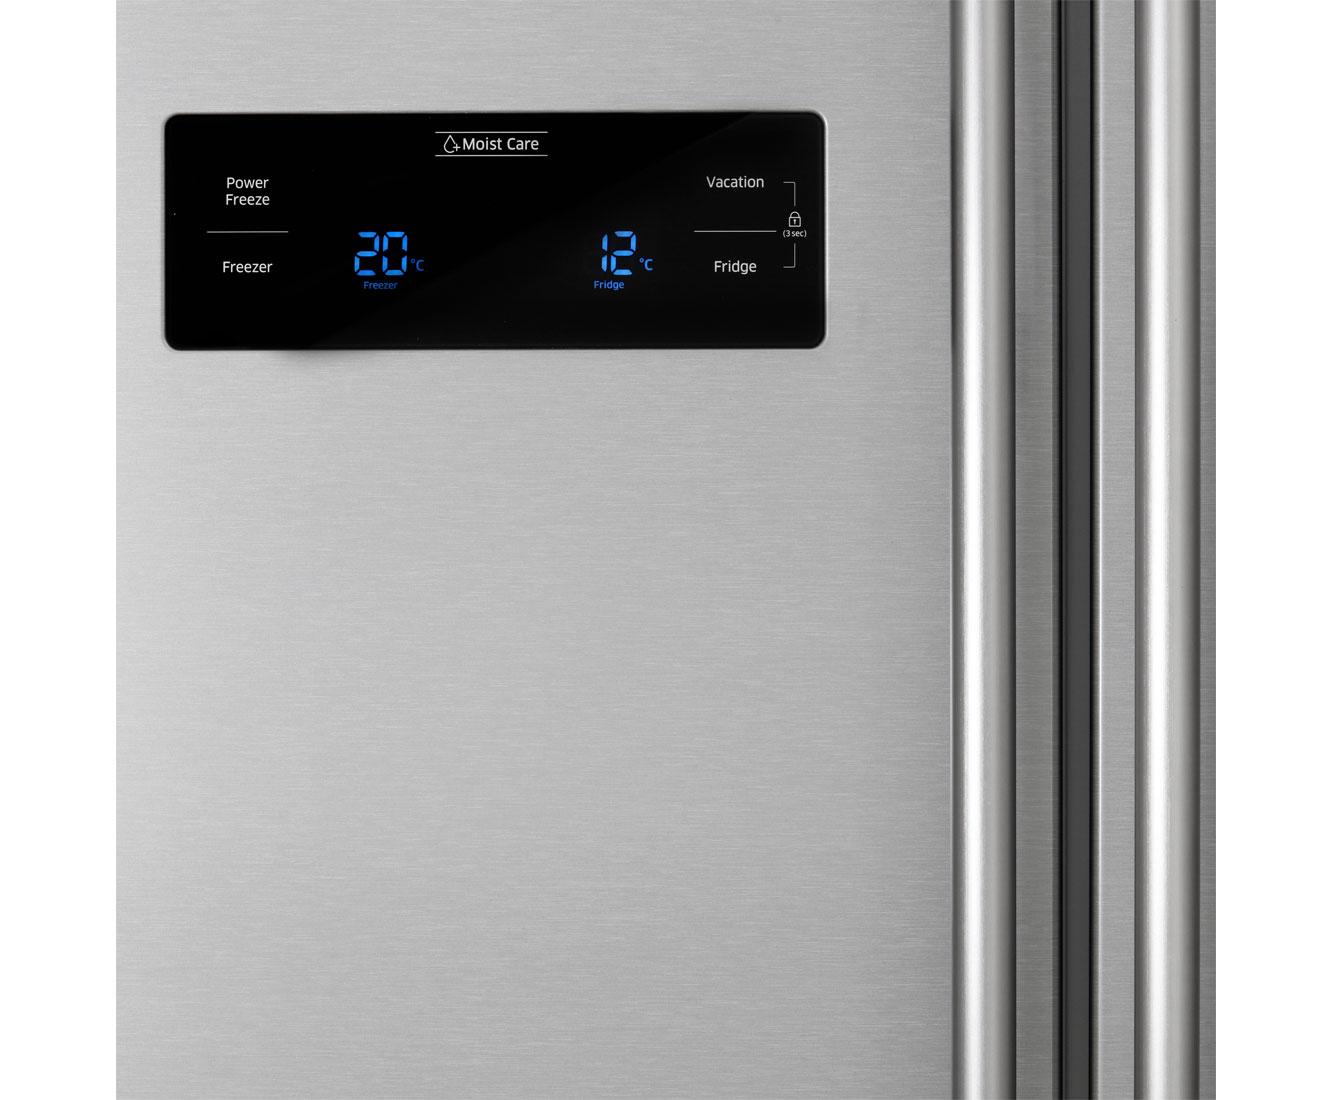 Amerikanischer Kühlschrank Lautstärke : Amerikanischer kühlschrank lautstärke kühlschrank infos und tipps